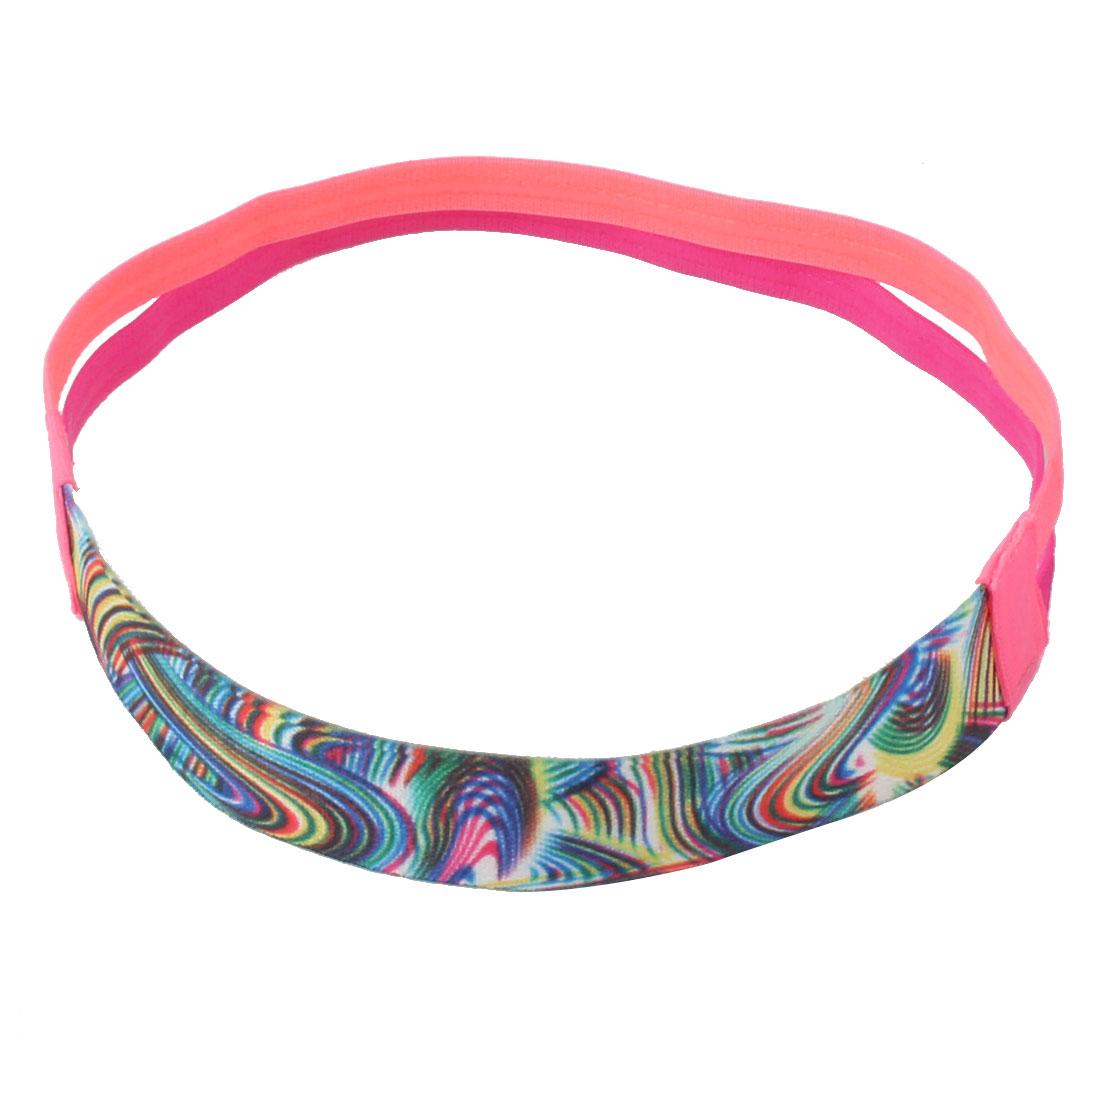 Yoga Silicone Double Line Design Non-slip Sports Headband Headwrap Pink Fuchsia